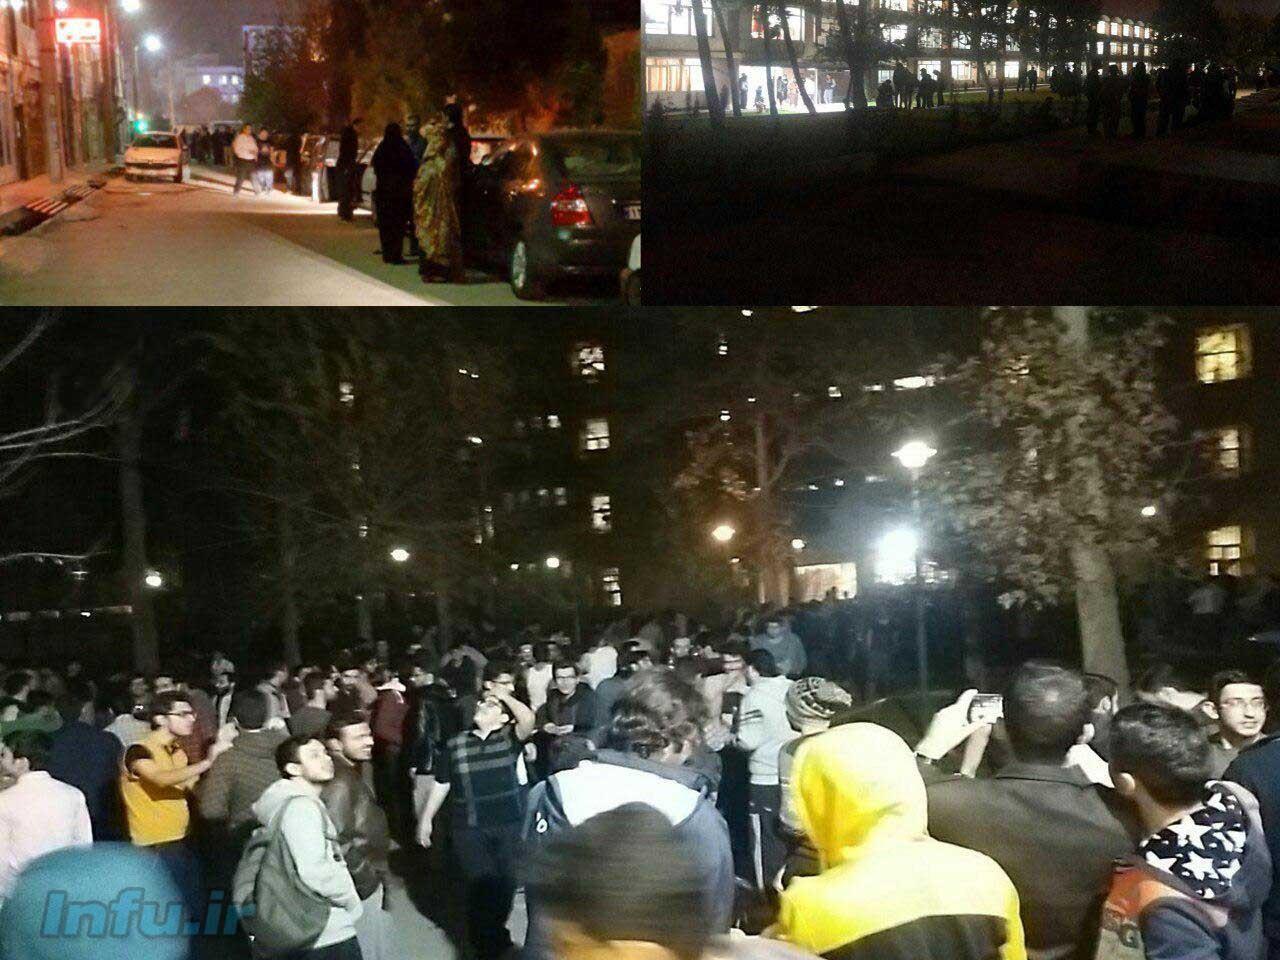 خروج مردم از ساختمان ها در تهران